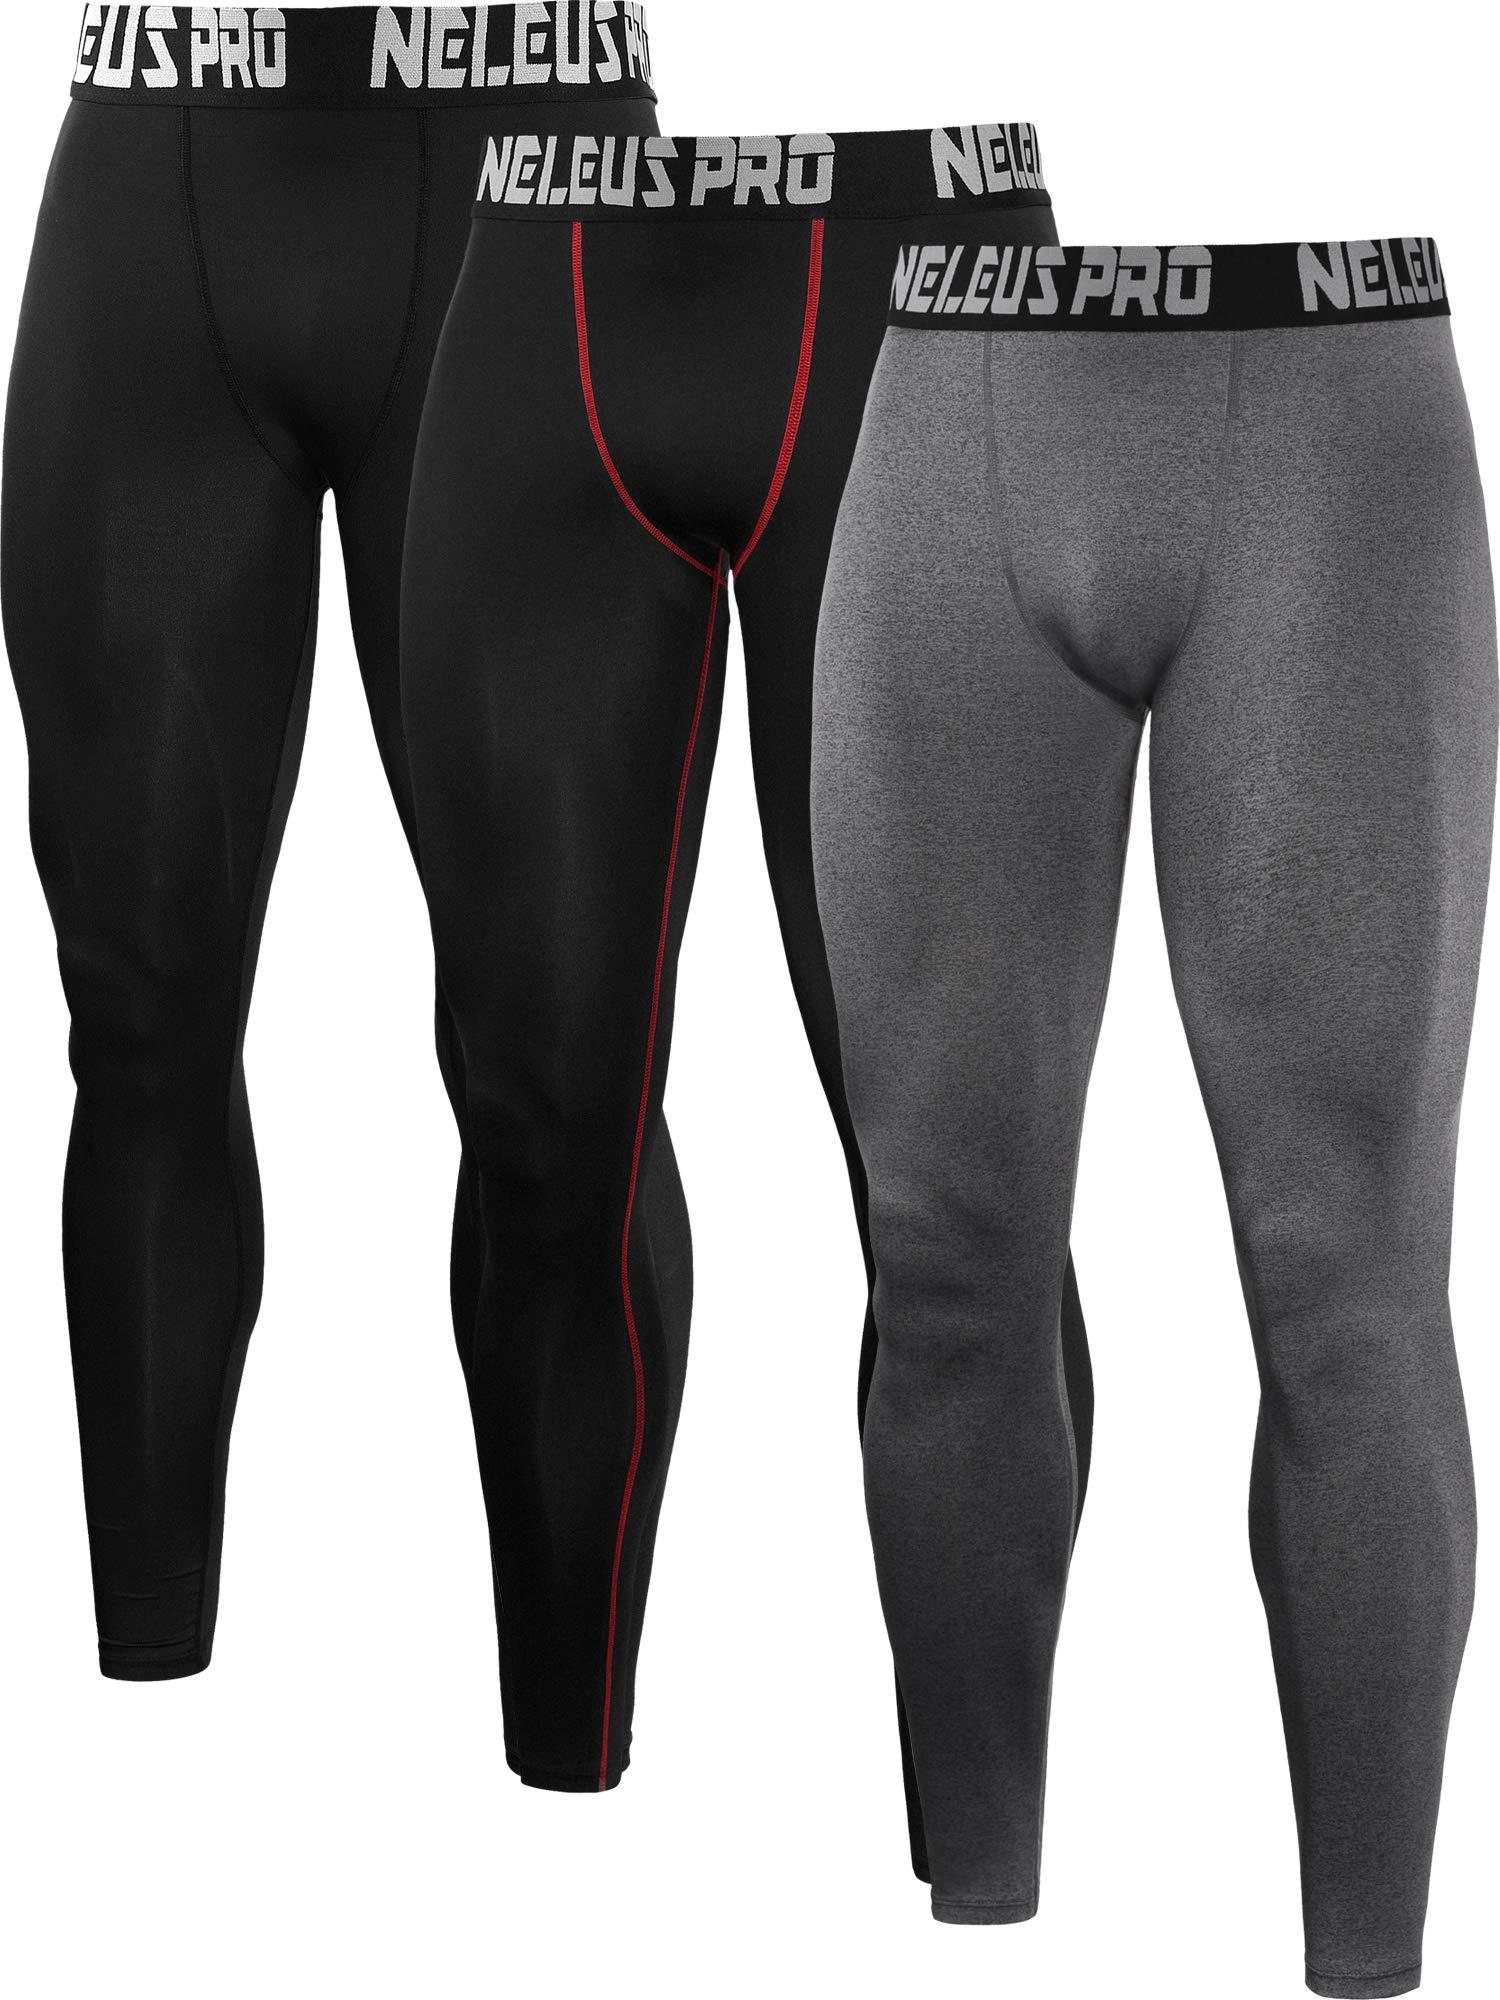 af377d01 Neleus Men's 2 Pack Compression Tights Sport Running Leggings Pants product  image